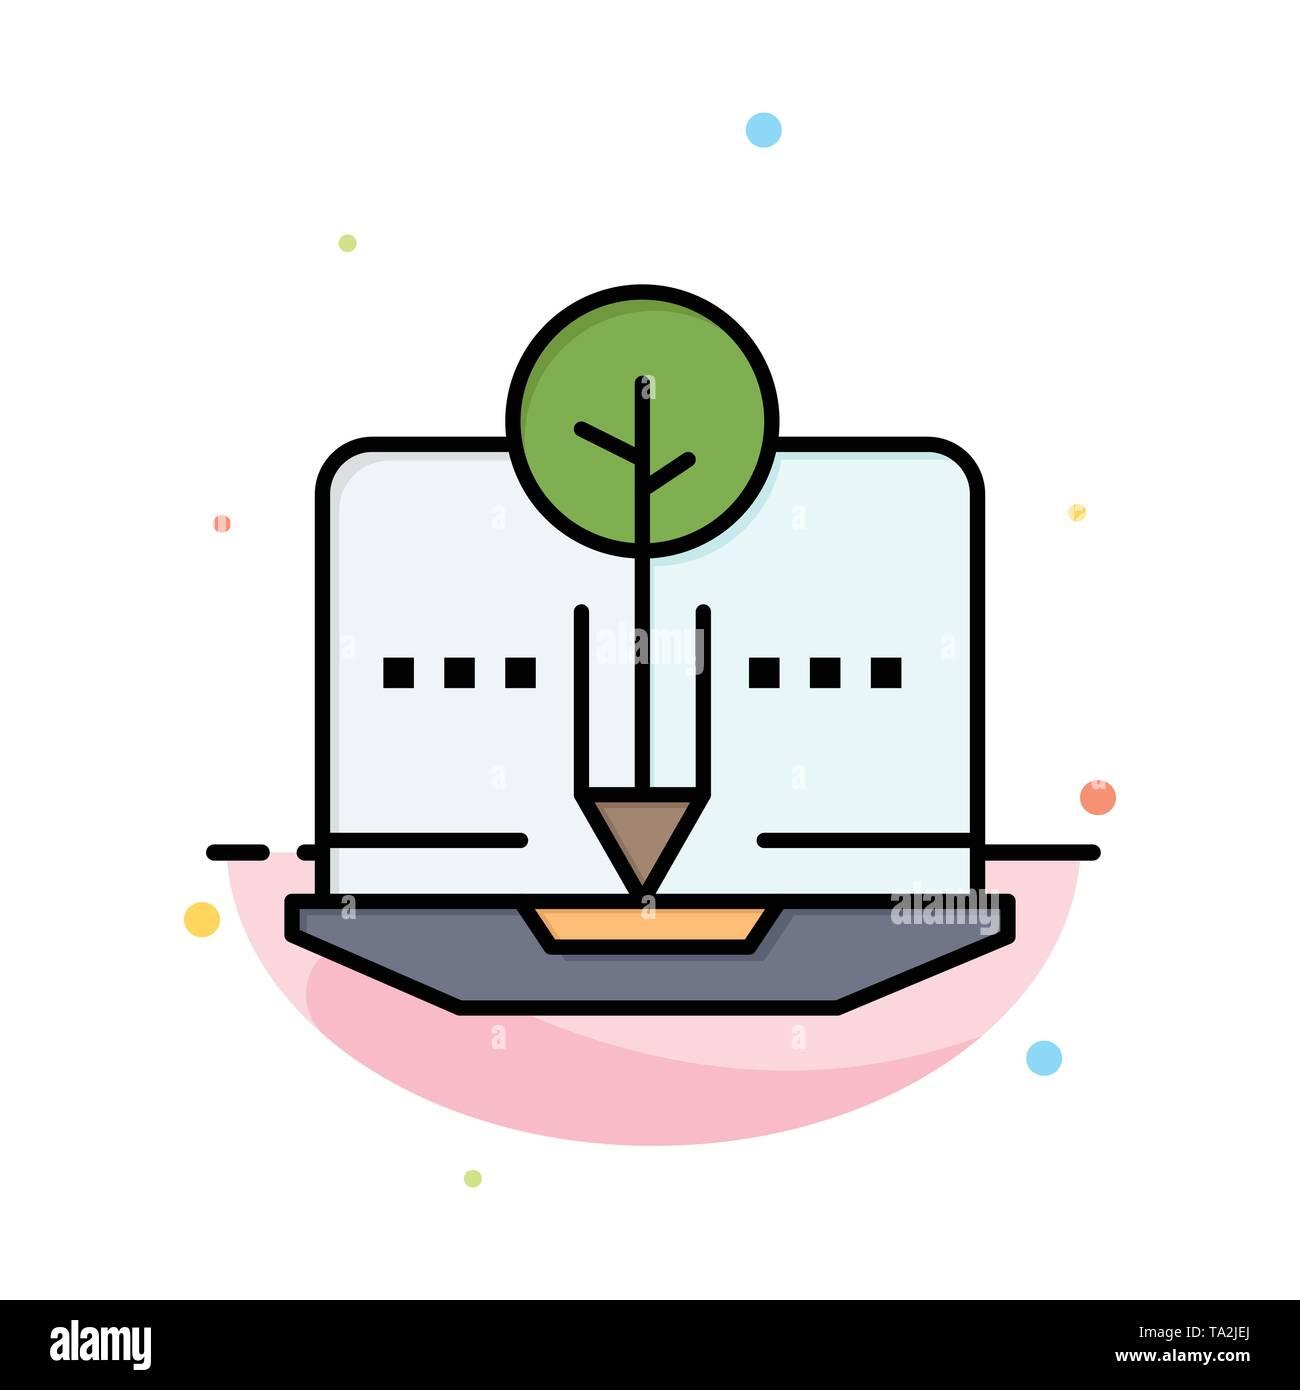 Organische, Inhalt, organische Inhalte, digitale Abstrakte flachen Farbe Symbol Vorlage Stockbild